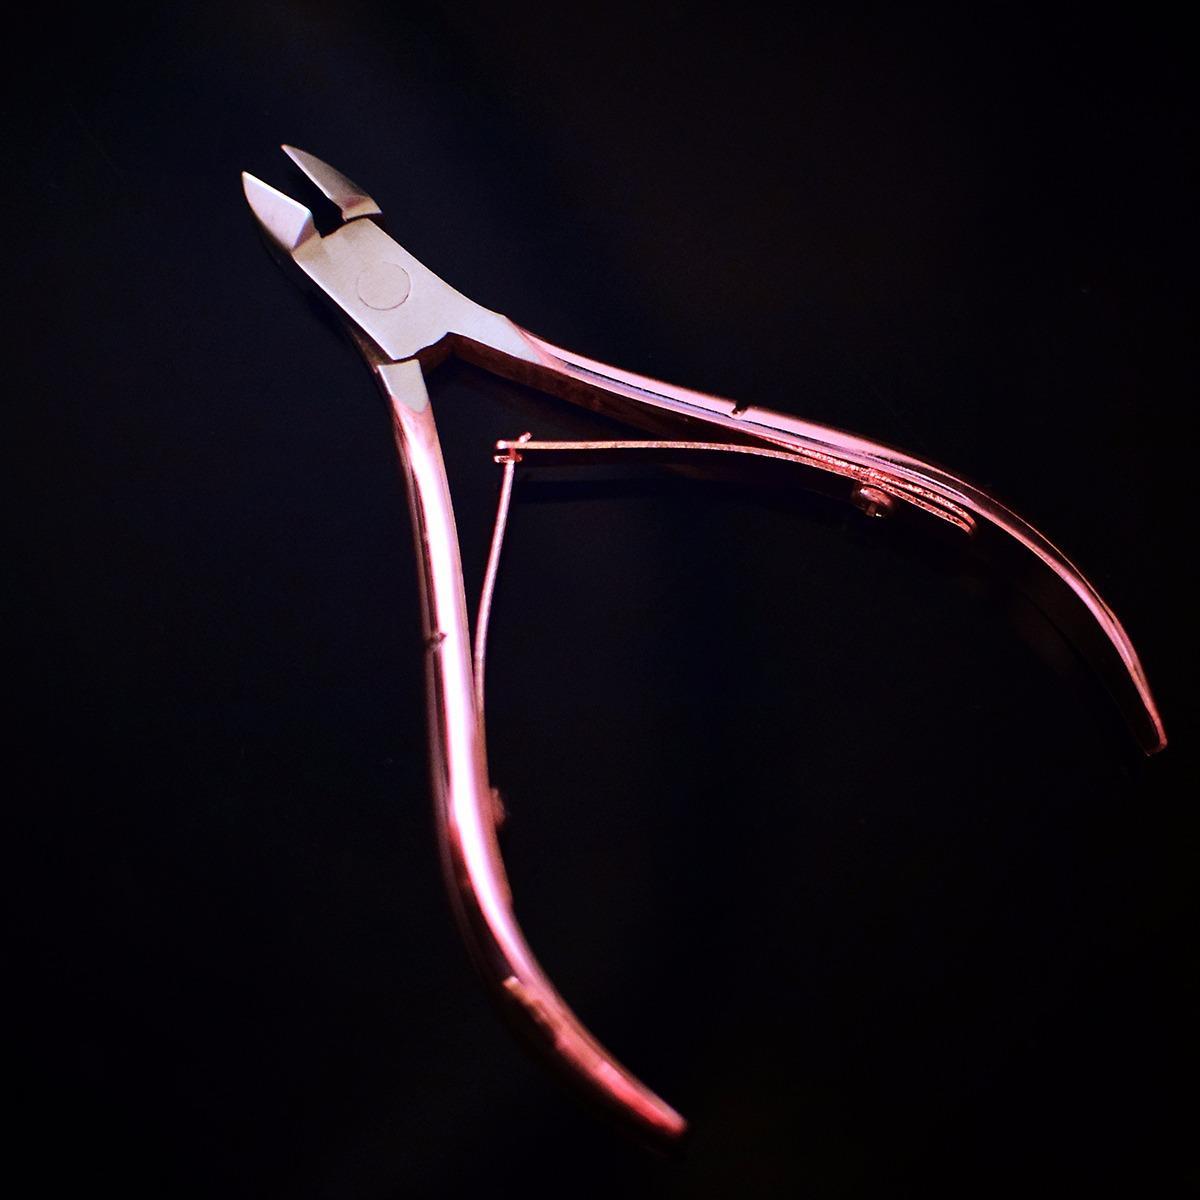 Kềm cắt da , bén , nhẹ màu vàng hồng